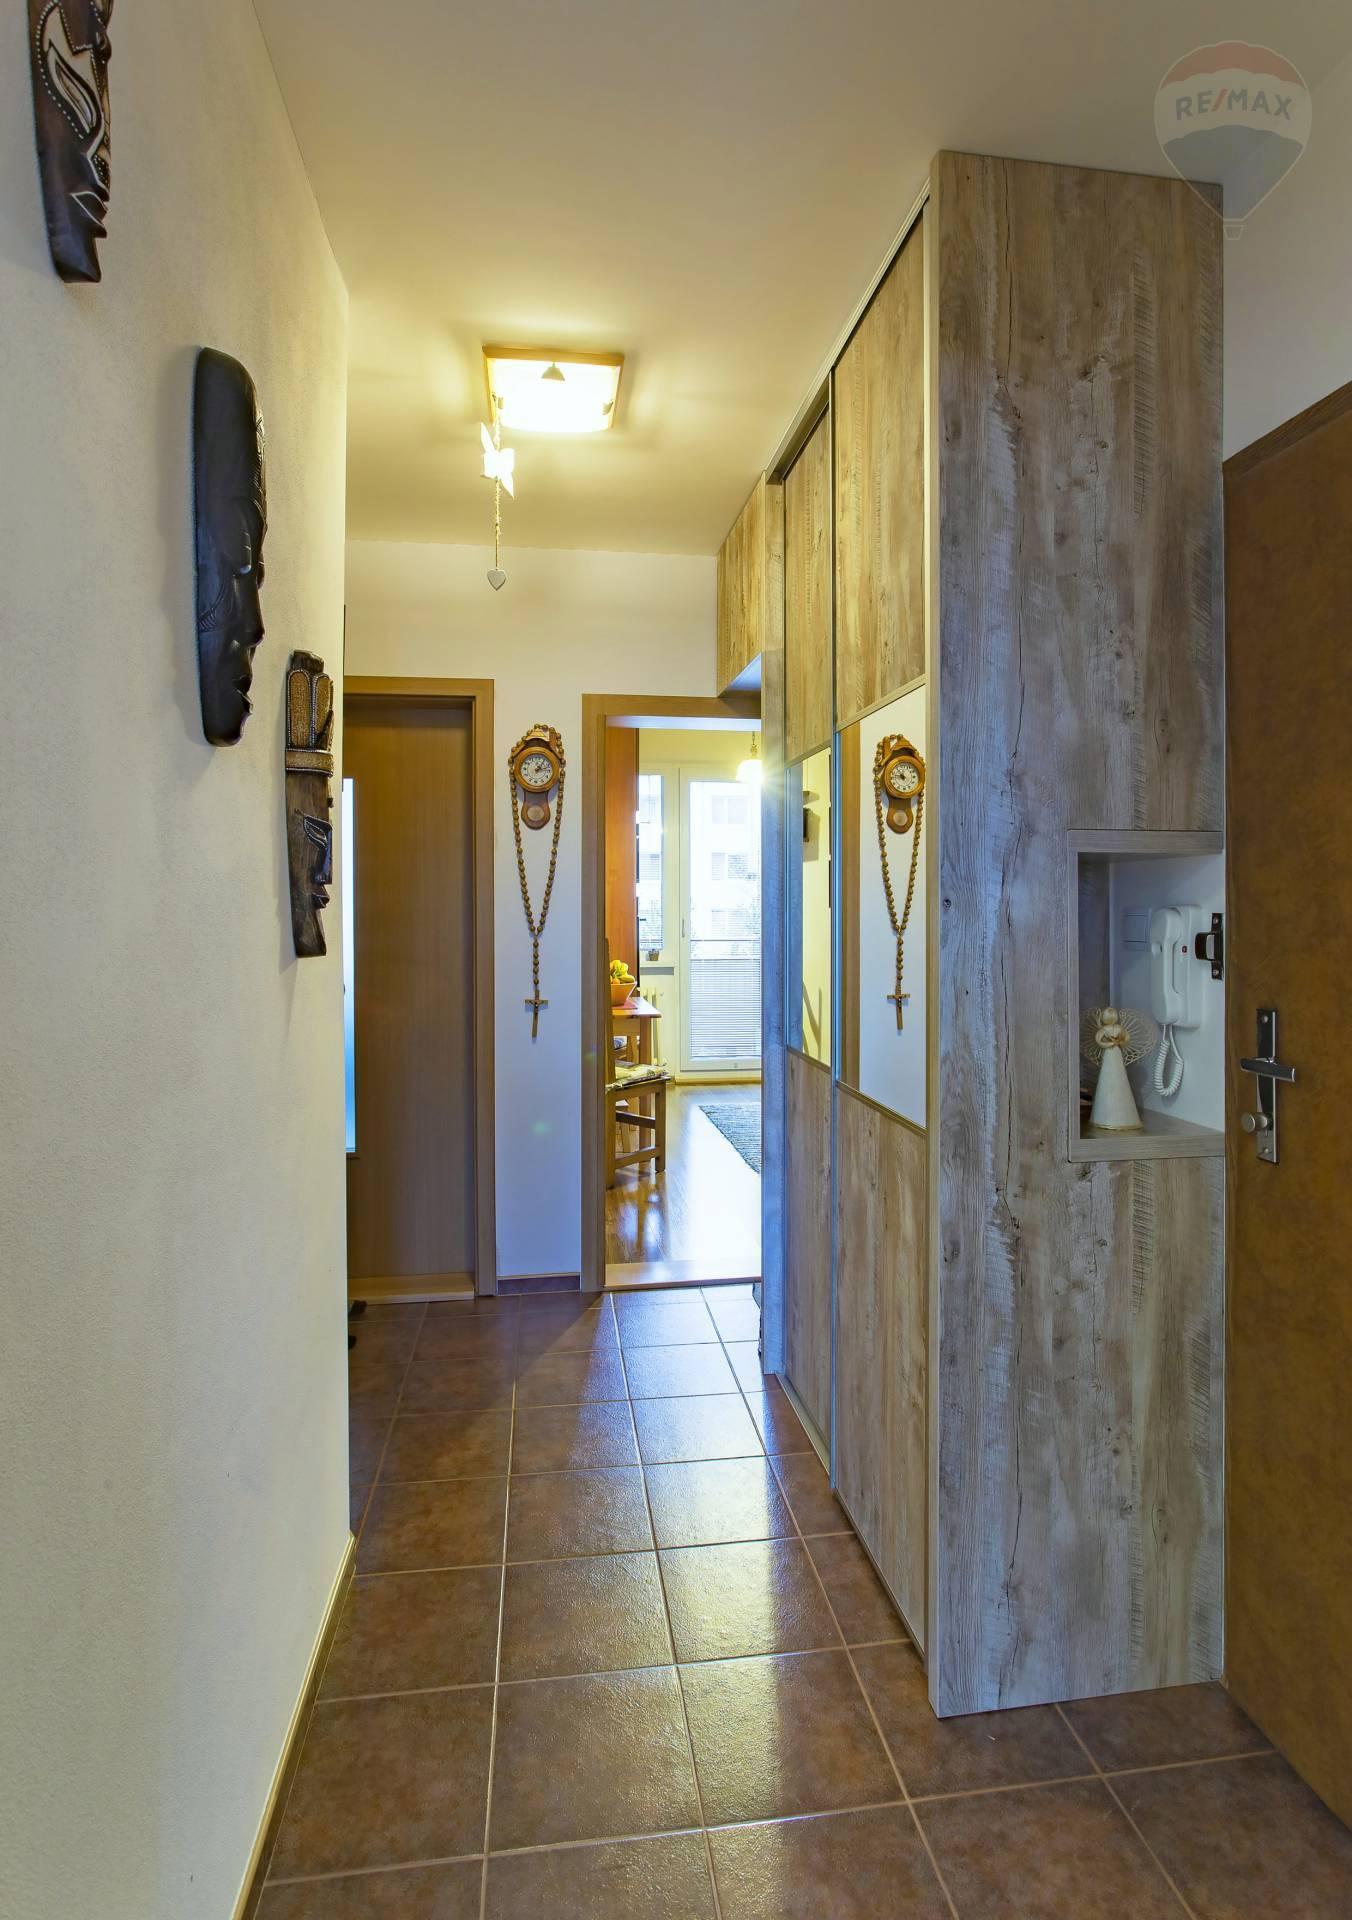 PREDAJ: 2 izbový byt 50 m2, Žiar nad Hronom, časť Etapa- Ul. Svitavská